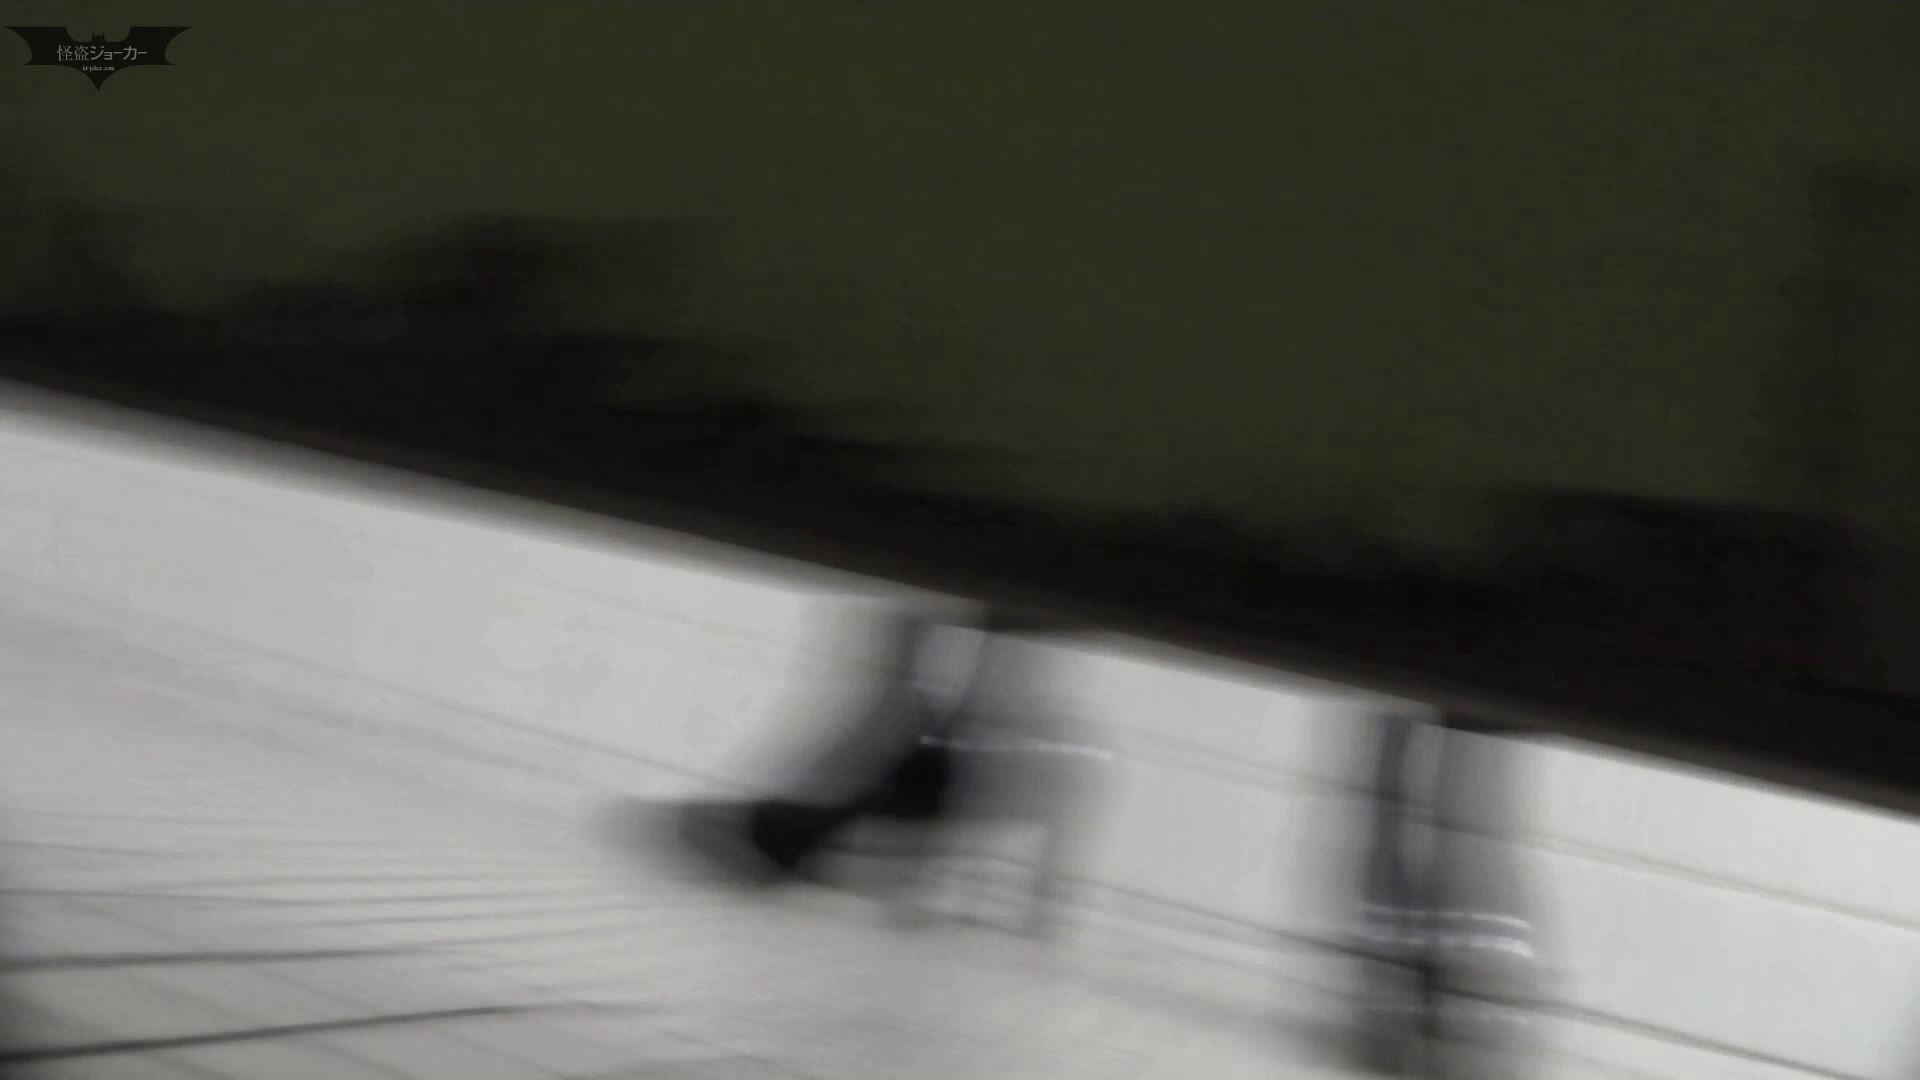 洗面所特攻隊 vol.58驚異のしまり、【2015・25位】 ギャルズ | 高画質動画  69画像 67